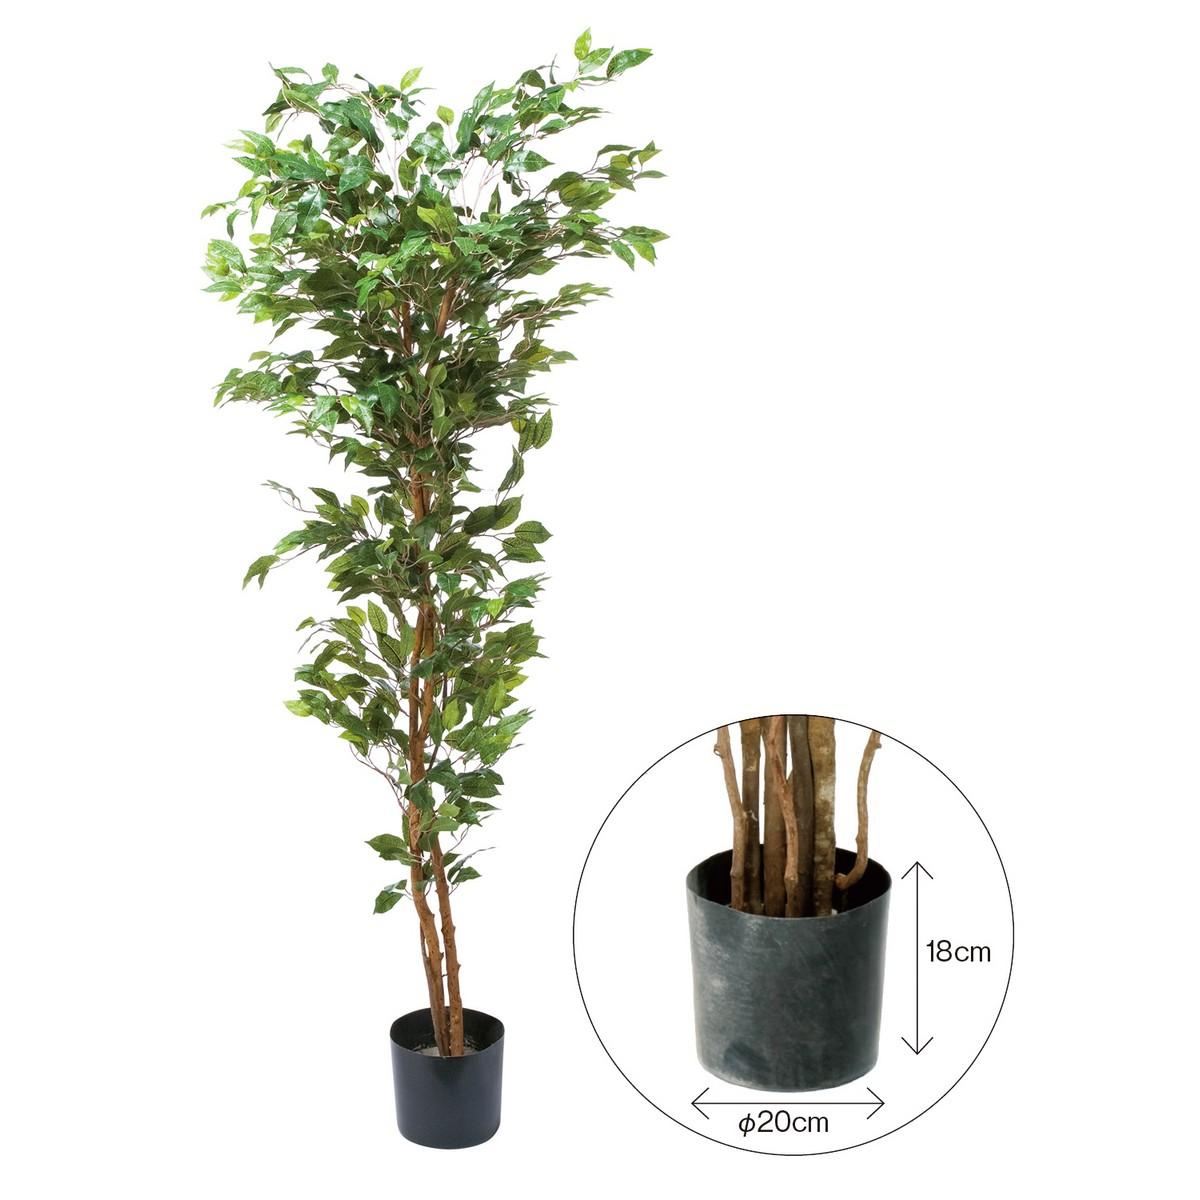 【直送】【人工観葉植物】YDM/ベンジャミンフィカス 180cm 樹木のみ※ポットなし/GLP1290※返品・代引不可【01】